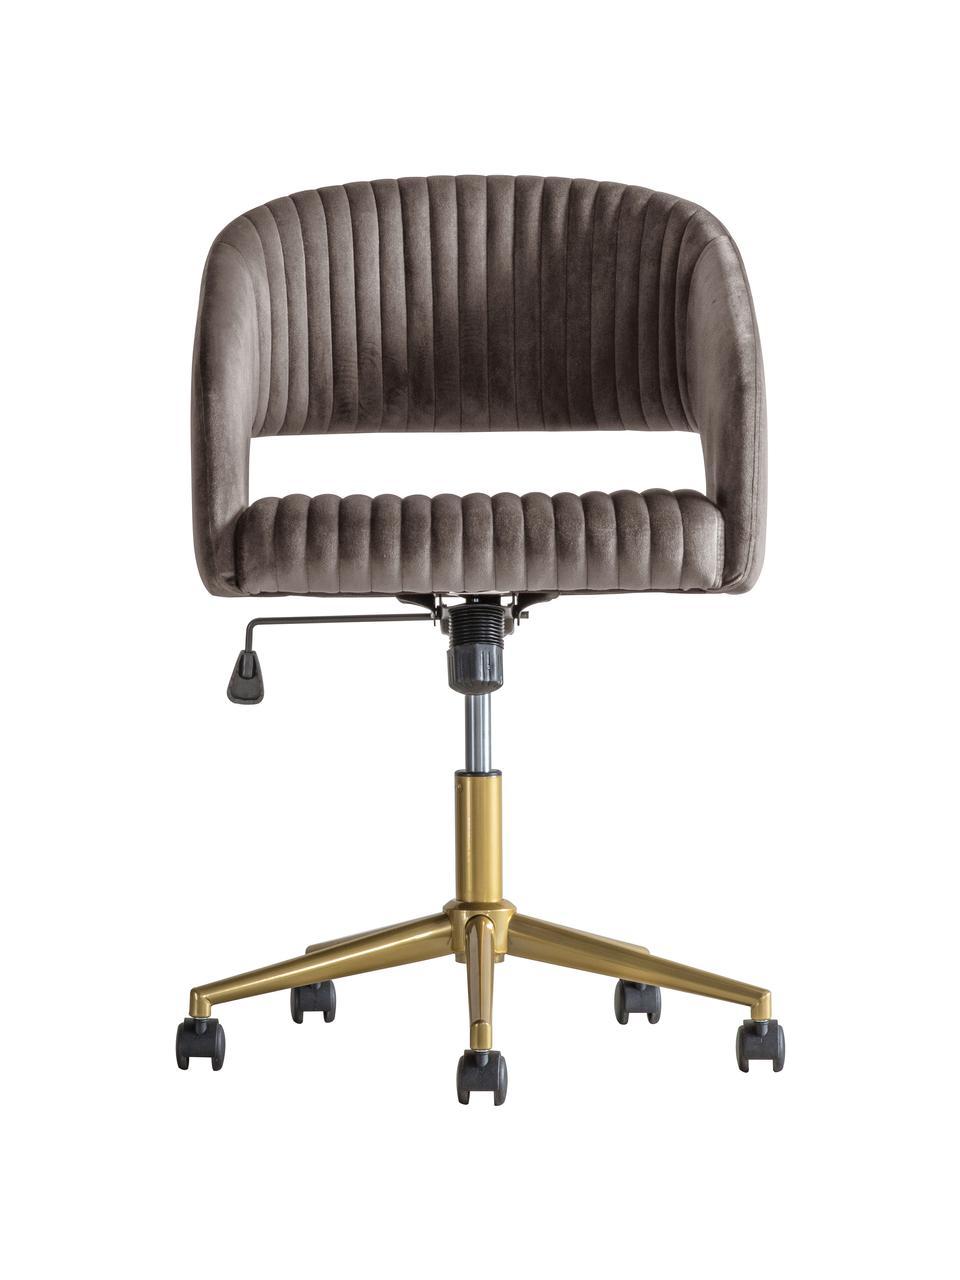 Biurowe krzesło obrotowe z aksamitu Murray, Tapicerka: aksamit poliestrowy, Nogi: metal galwanizowany, Szary, S 56 x G 52 cm